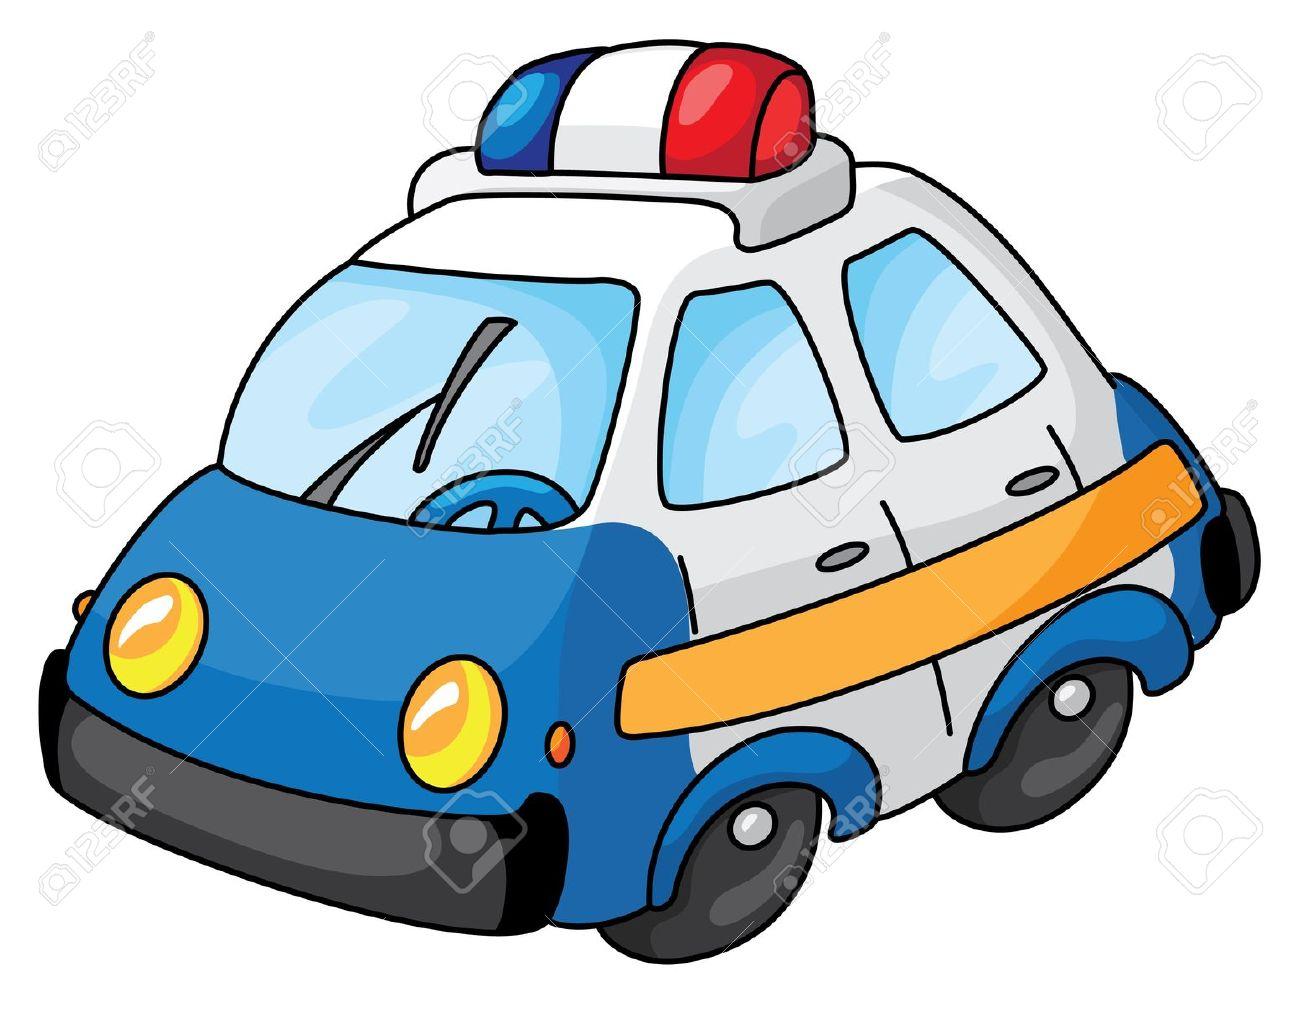 1300x1012 Police Car Cartoon Clipart